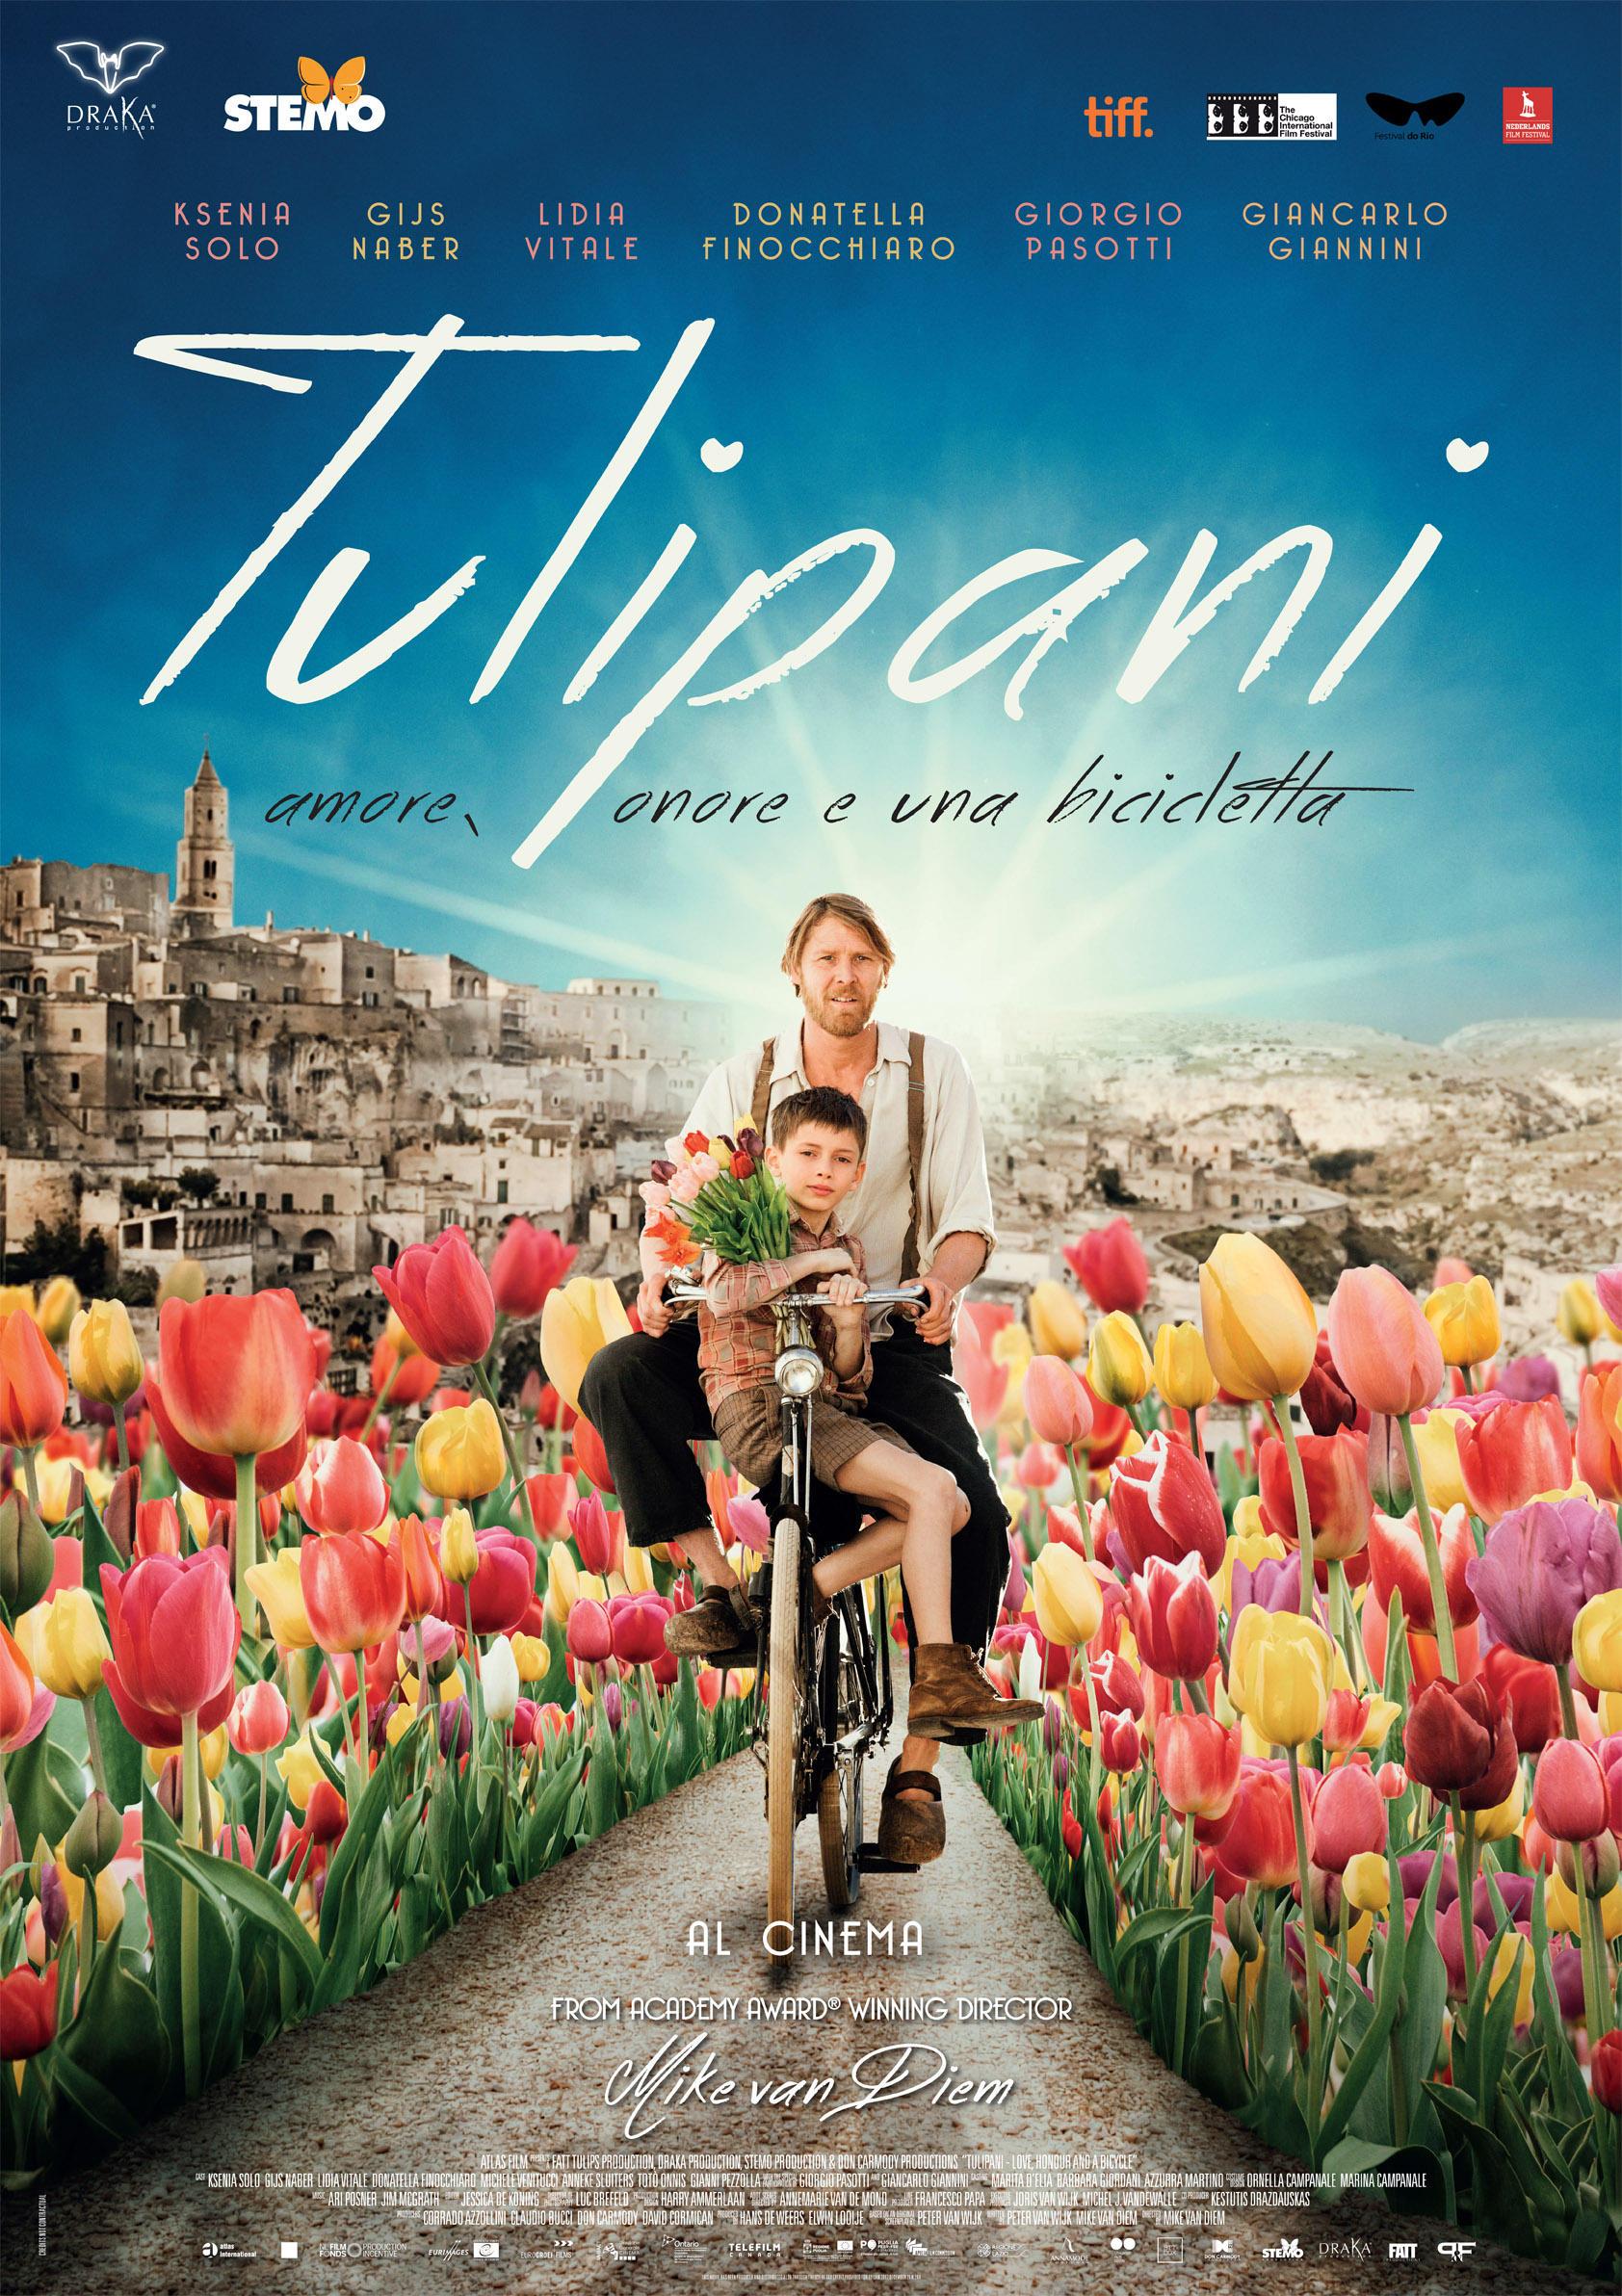 Lidia Vitale in  Tulipani. Amore, onore e una Bicicletta